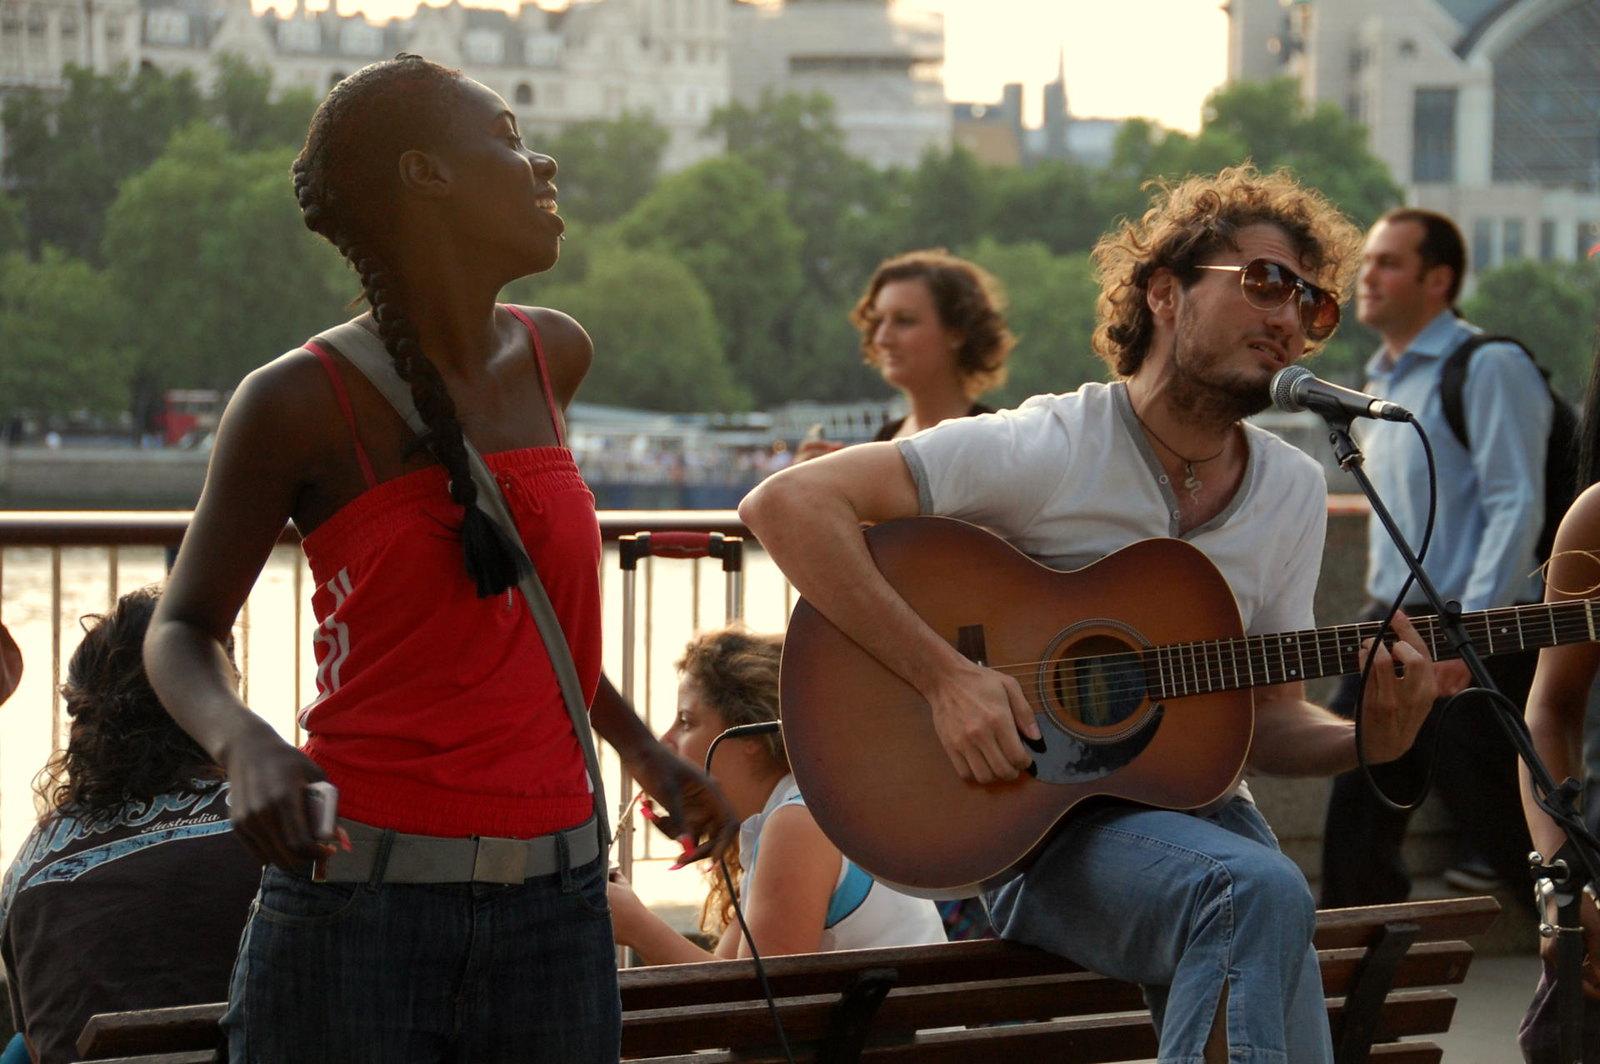 street-performers-london